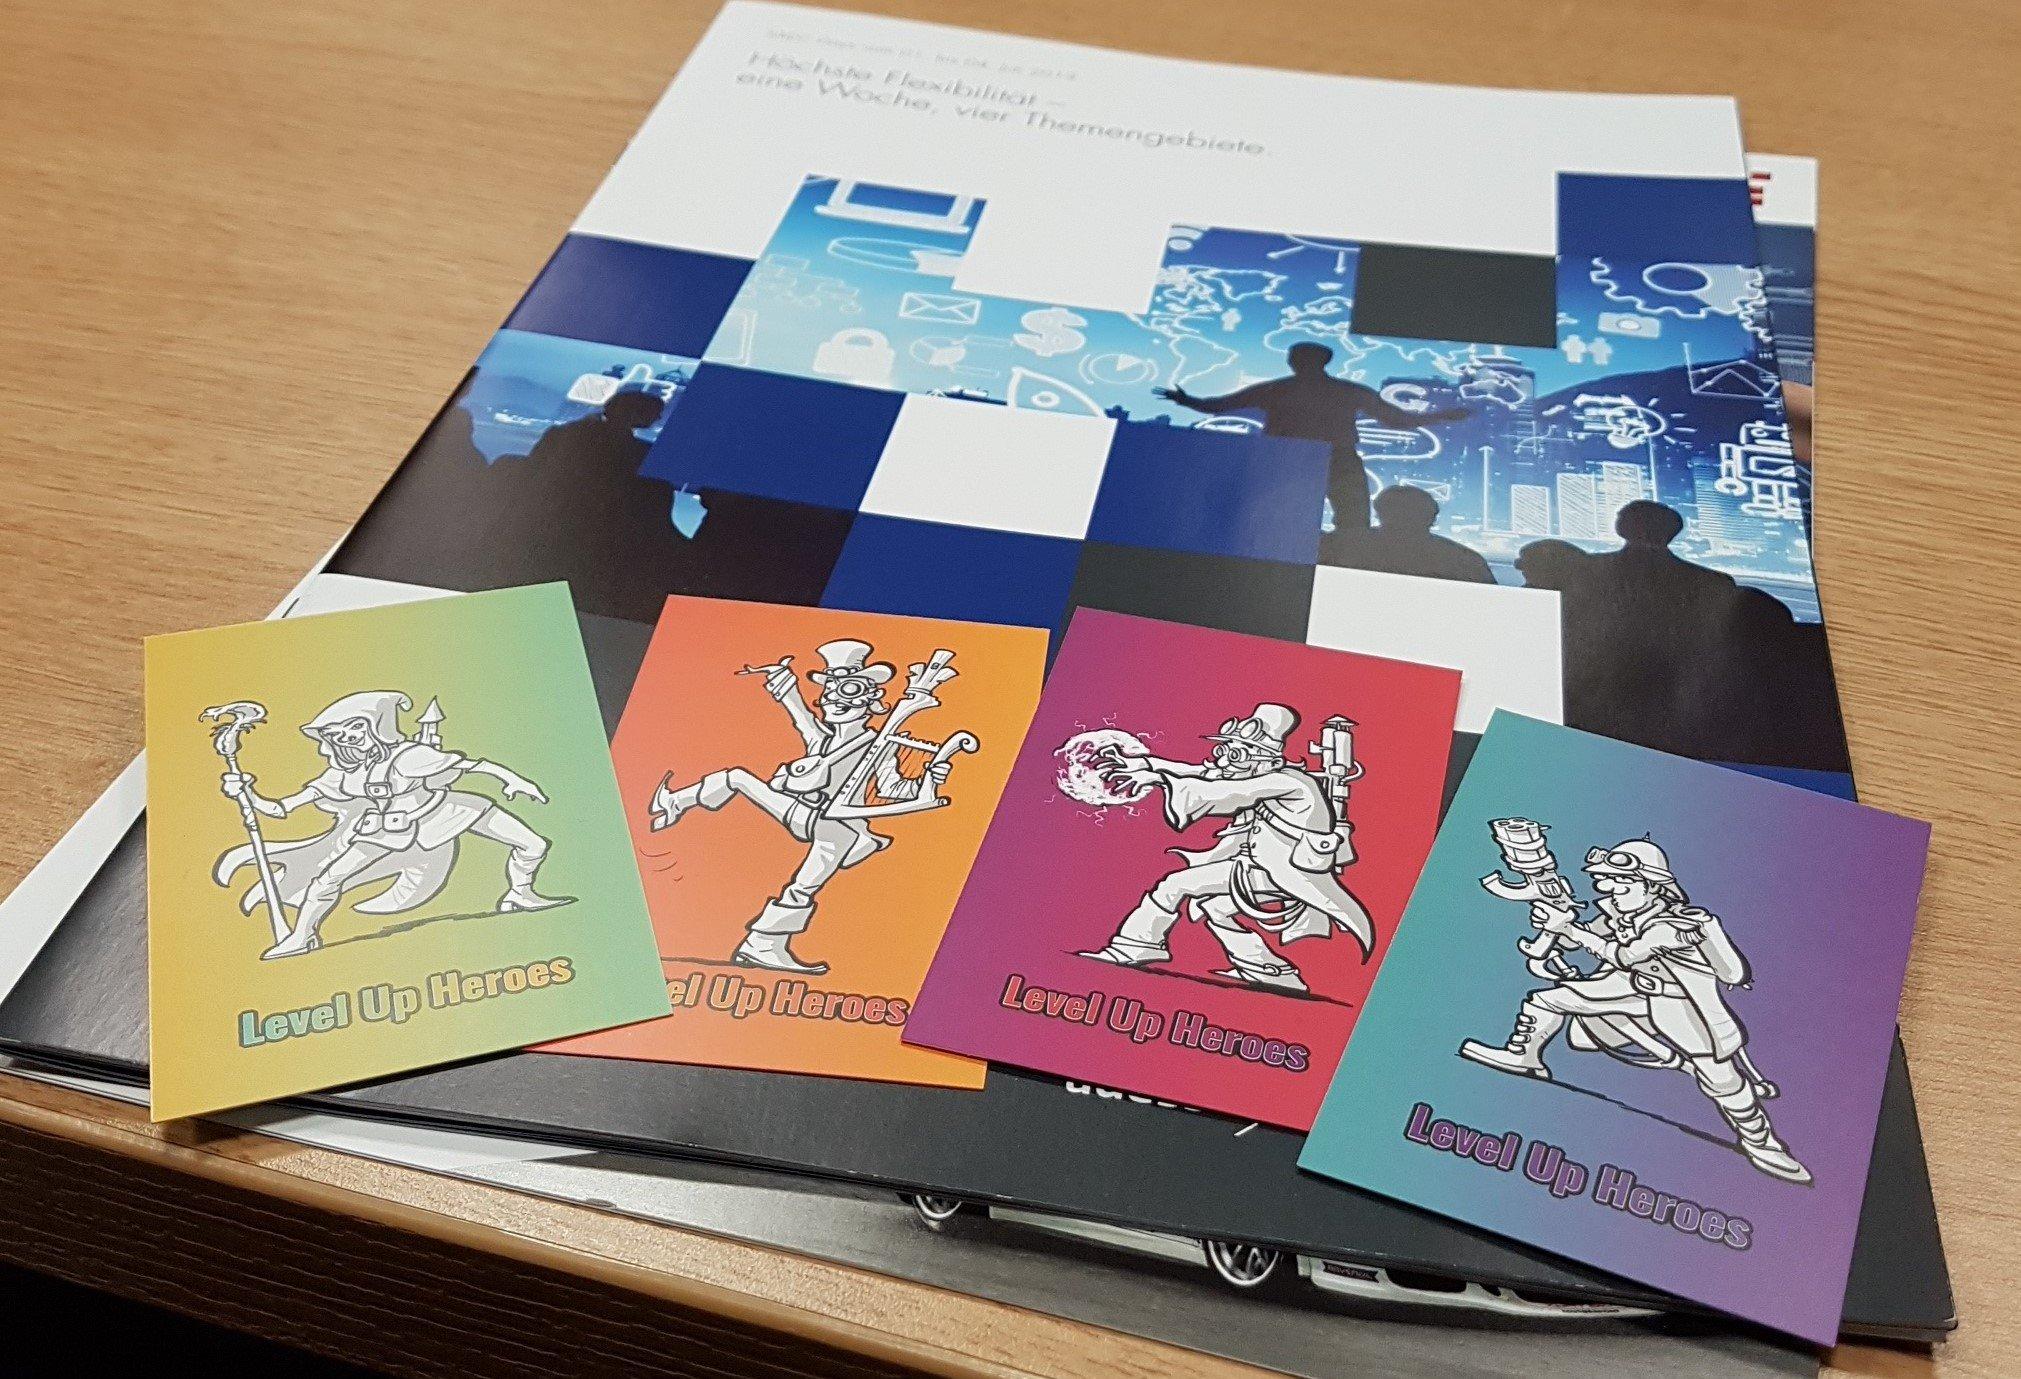 """Prospekt der Clean Code Days 2019. Darauf liegen vier Visitenkarten, auf denen jeweils eine gezeichnete Fantasy-Figur abgebildet ist mit dem Text """"Level Up Heroes"""" darunter."""